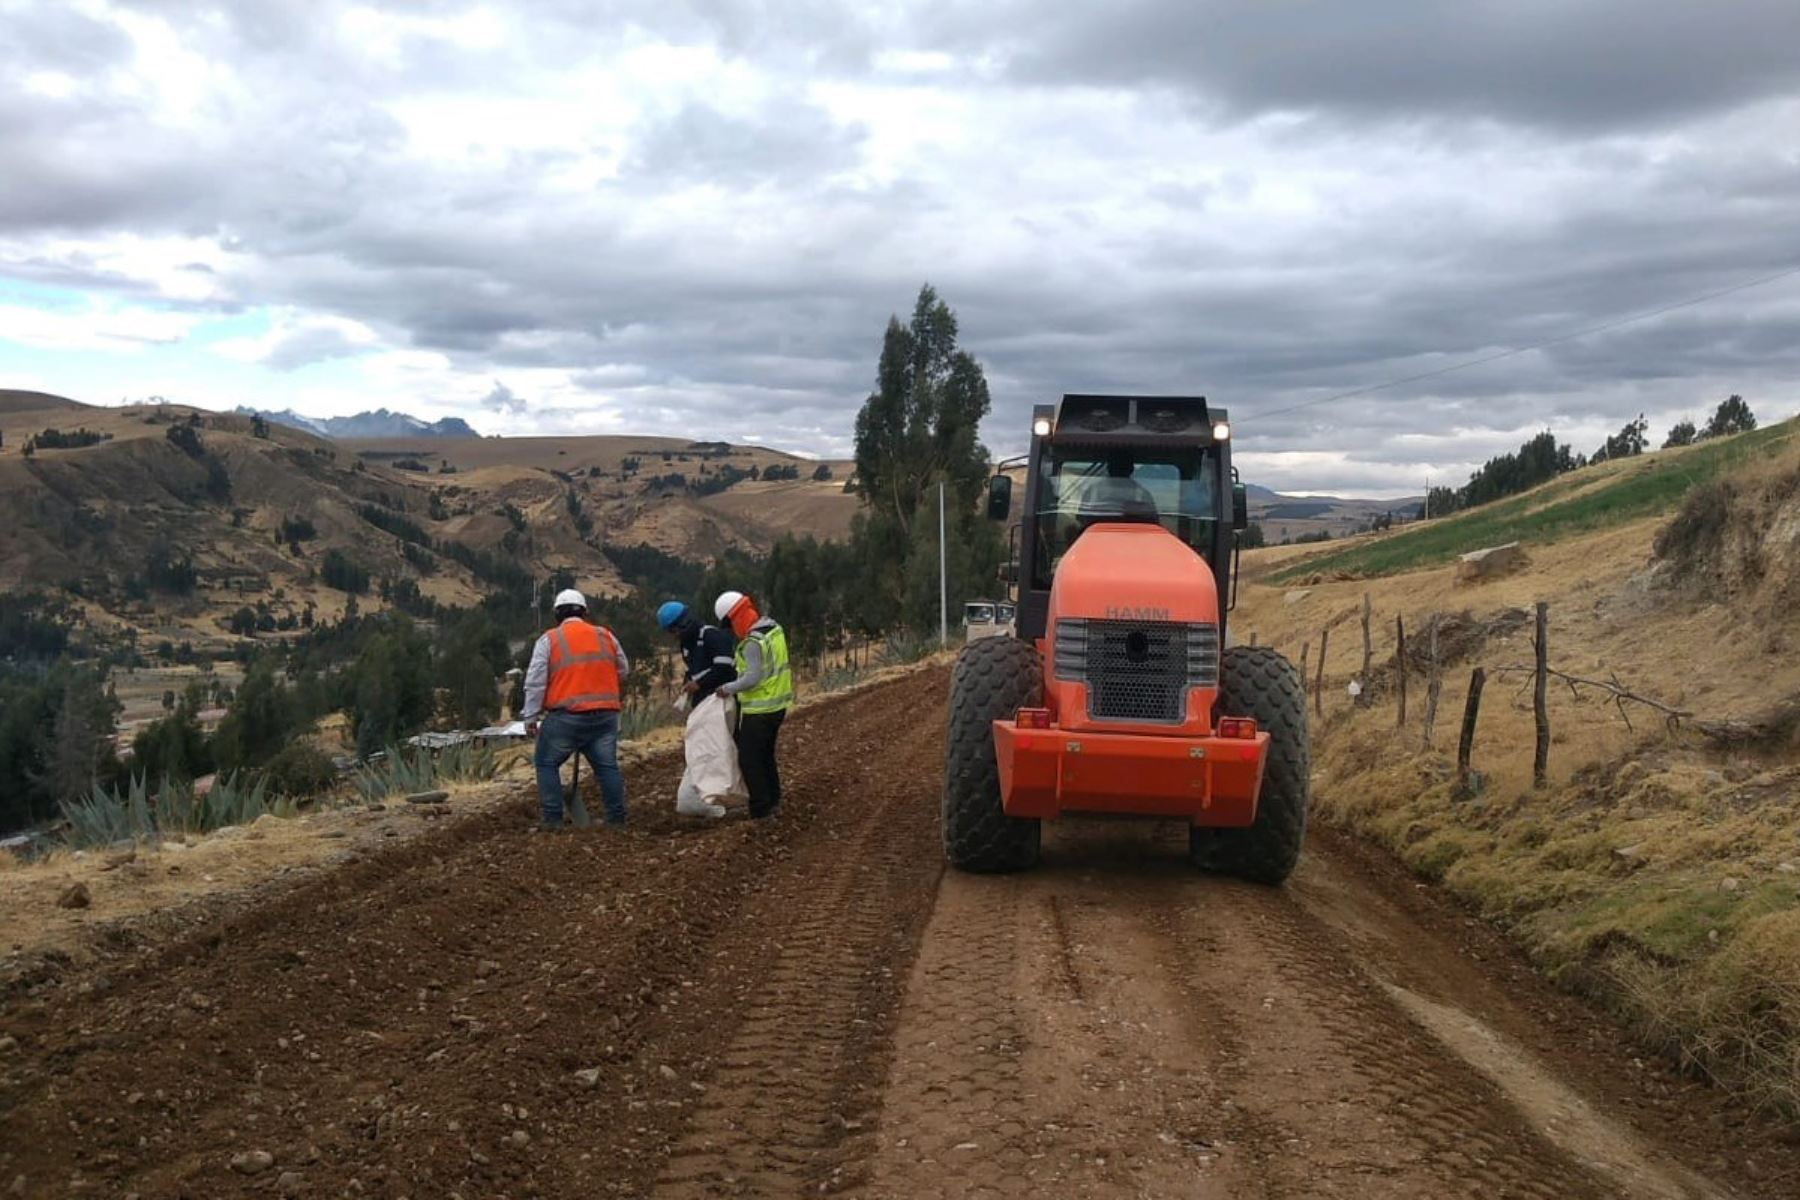 El MTC destina S/ 19 millones para la rehabilitación de la carretera Huarmey-Aija, en Áncash. ANDINA/Difusión